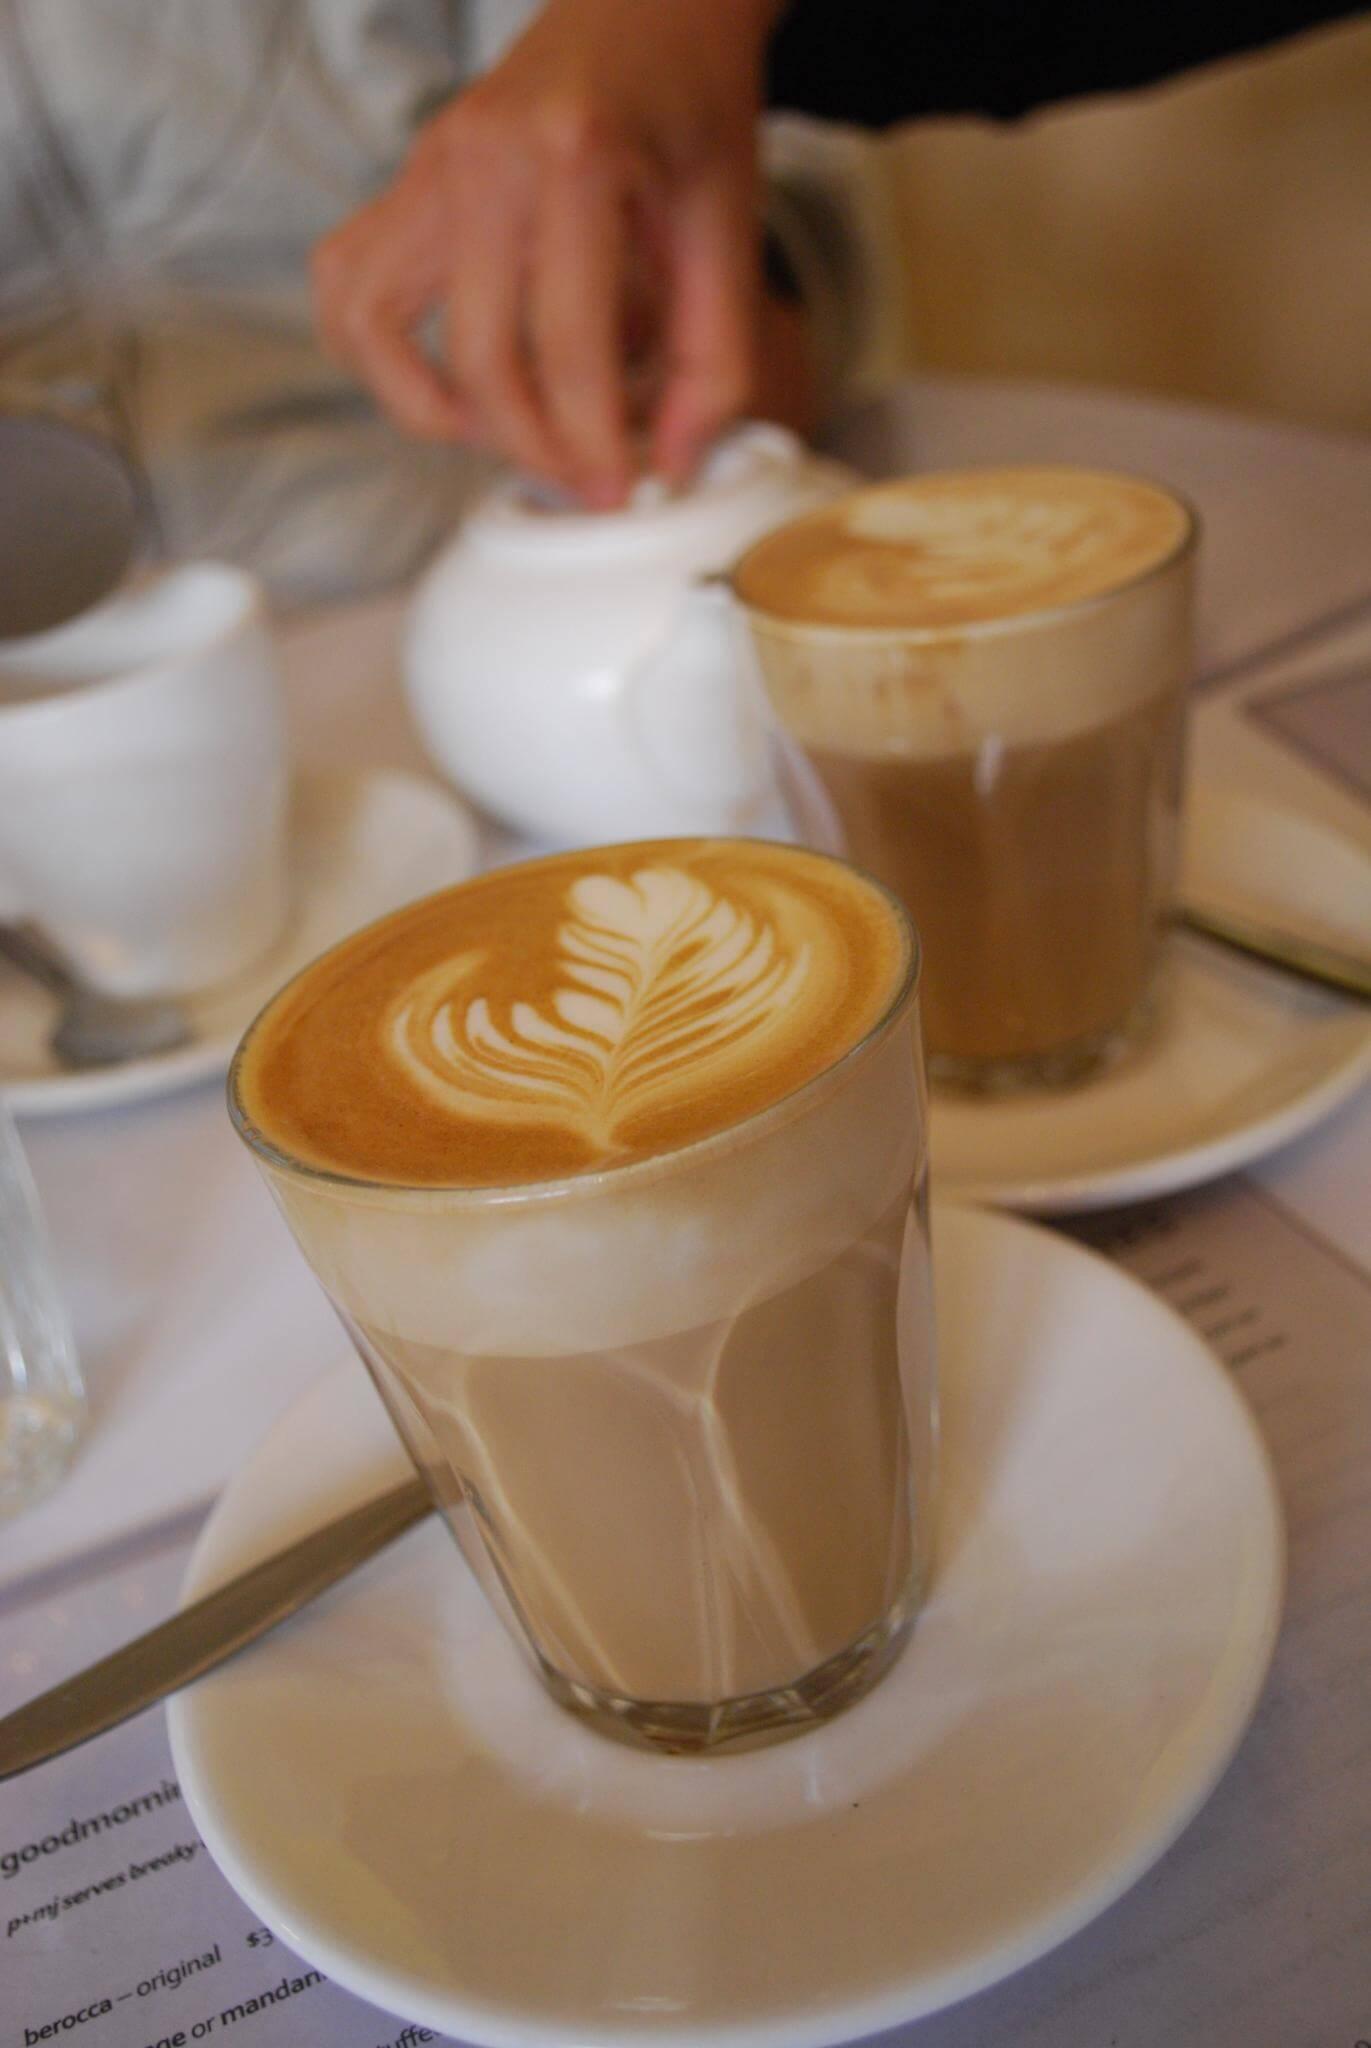 Как приготовить кофе в домашних условиях без кофеварки